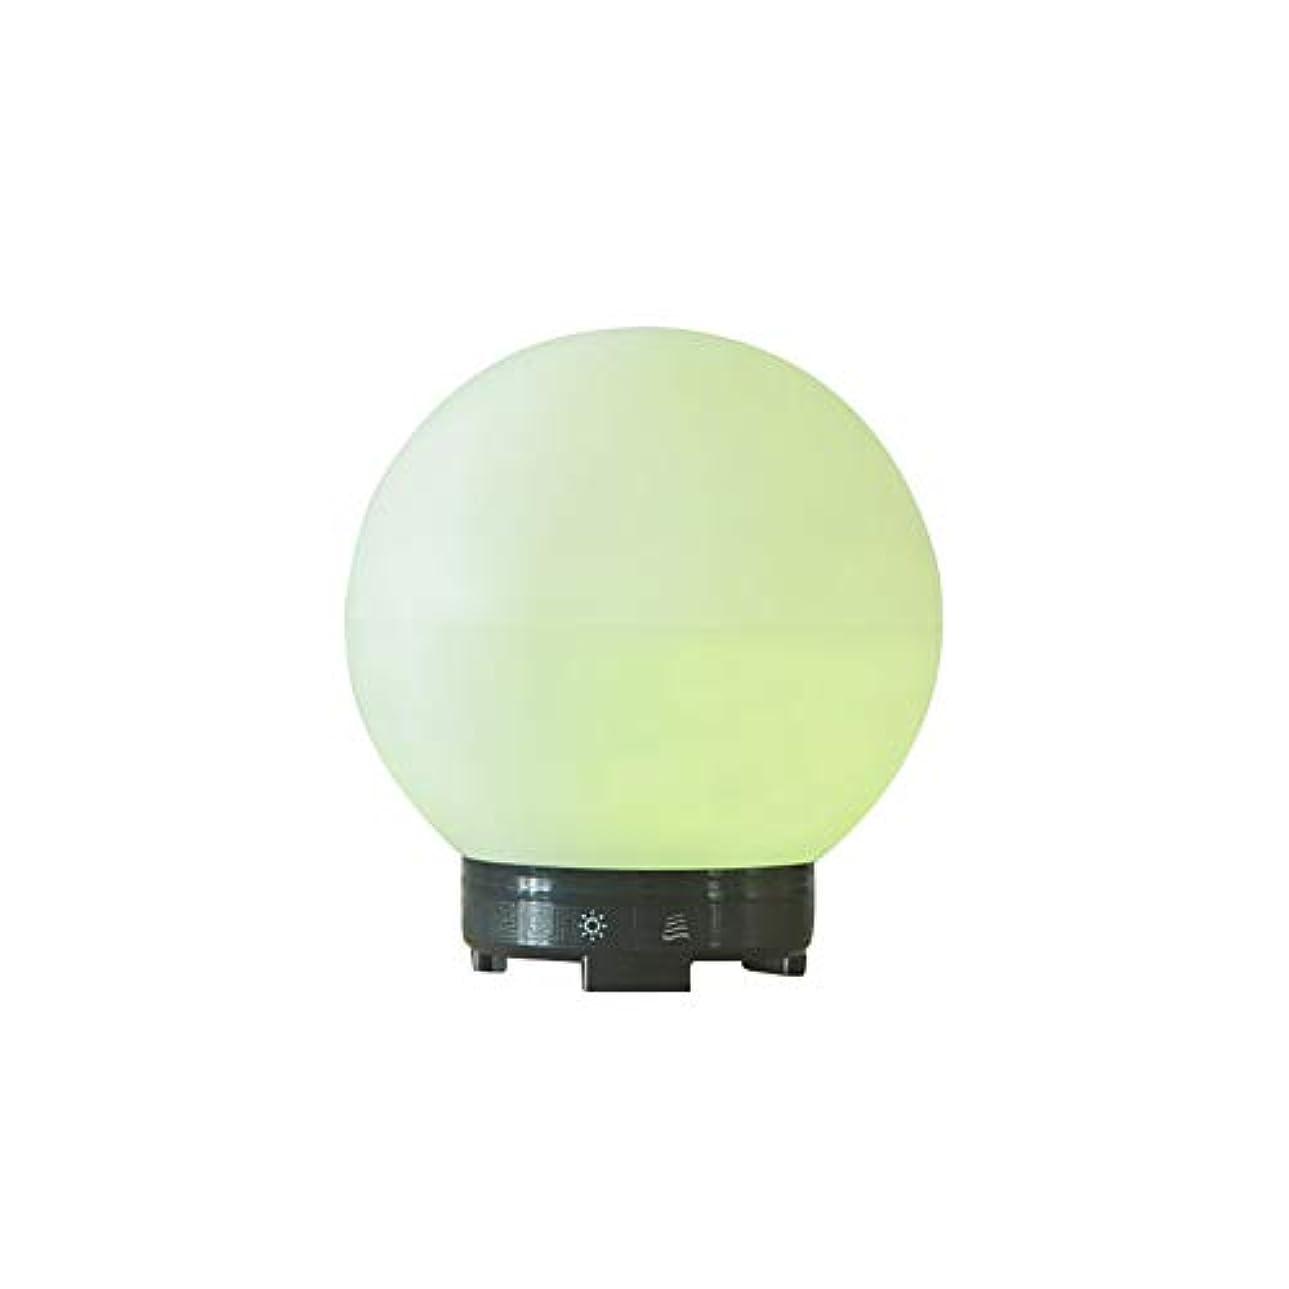 酸っぱいみ教育エッセンシャルオイルディフューザーと加湿器、ミストエッセンシャルオイルアロマ加湿器用の超音波アロマディフューザー、7色LEDライト